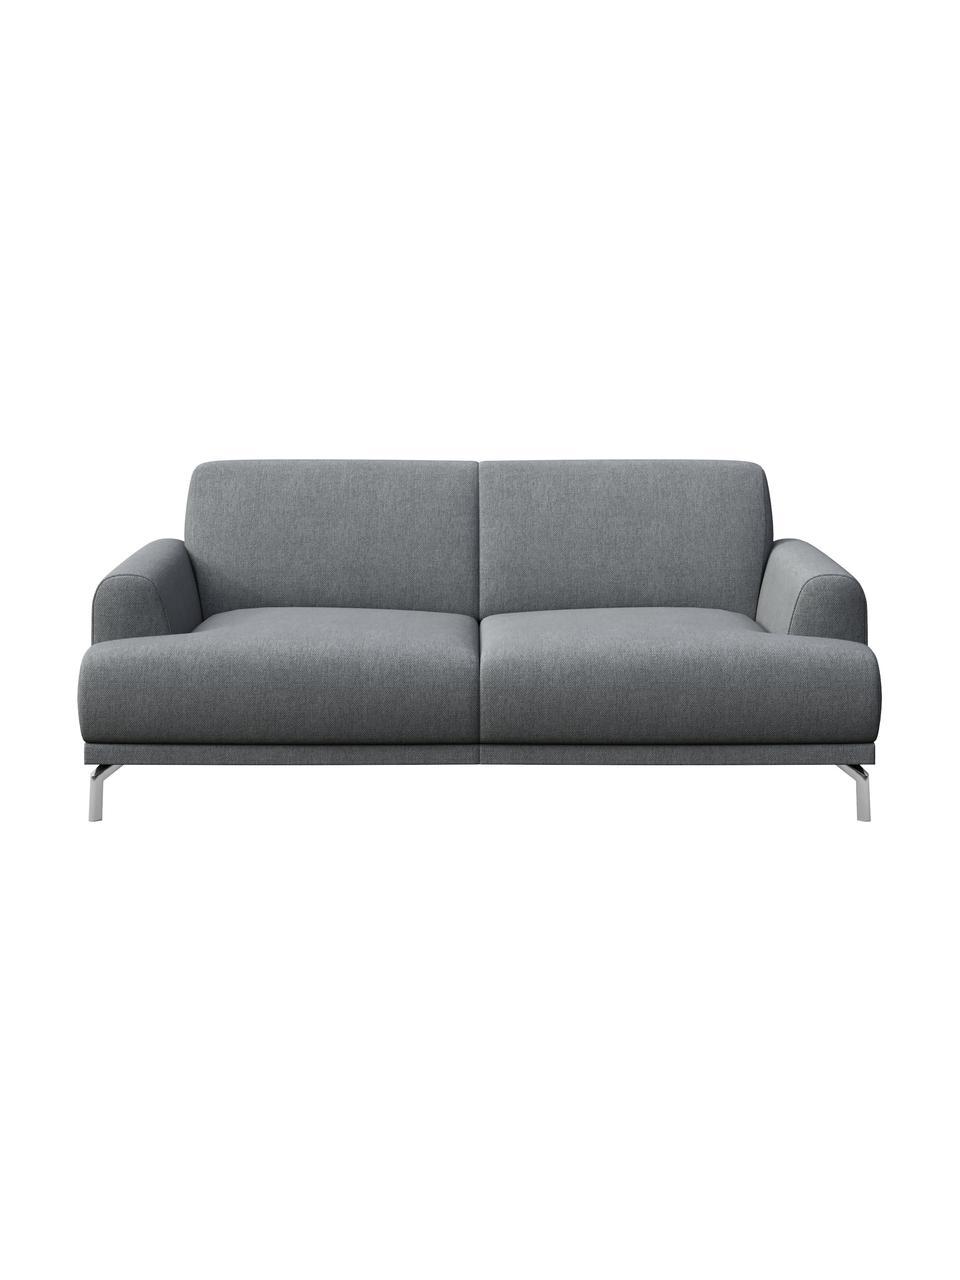 Sofa Puzo (2-osobowa), Tapicerka: 100% poliester, Nogi: metal lakierowany, Jasny szary, S 170 x G 84 cm